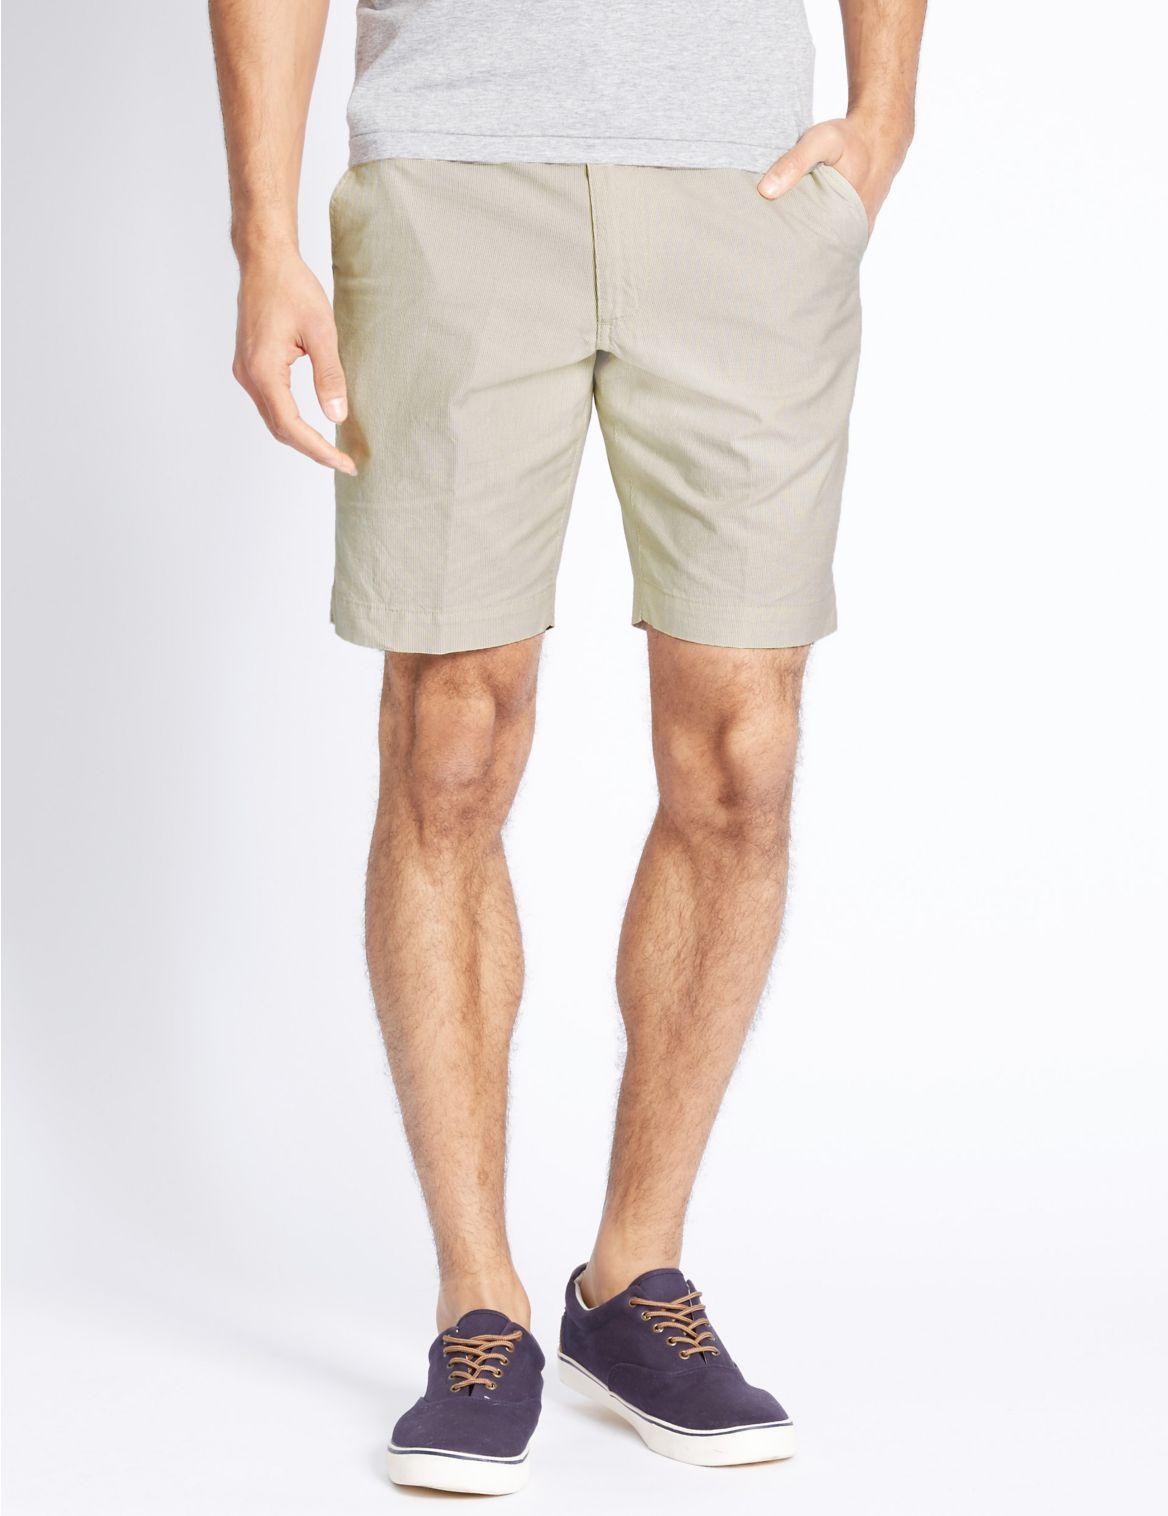 Zuiver katoenen korte broek met